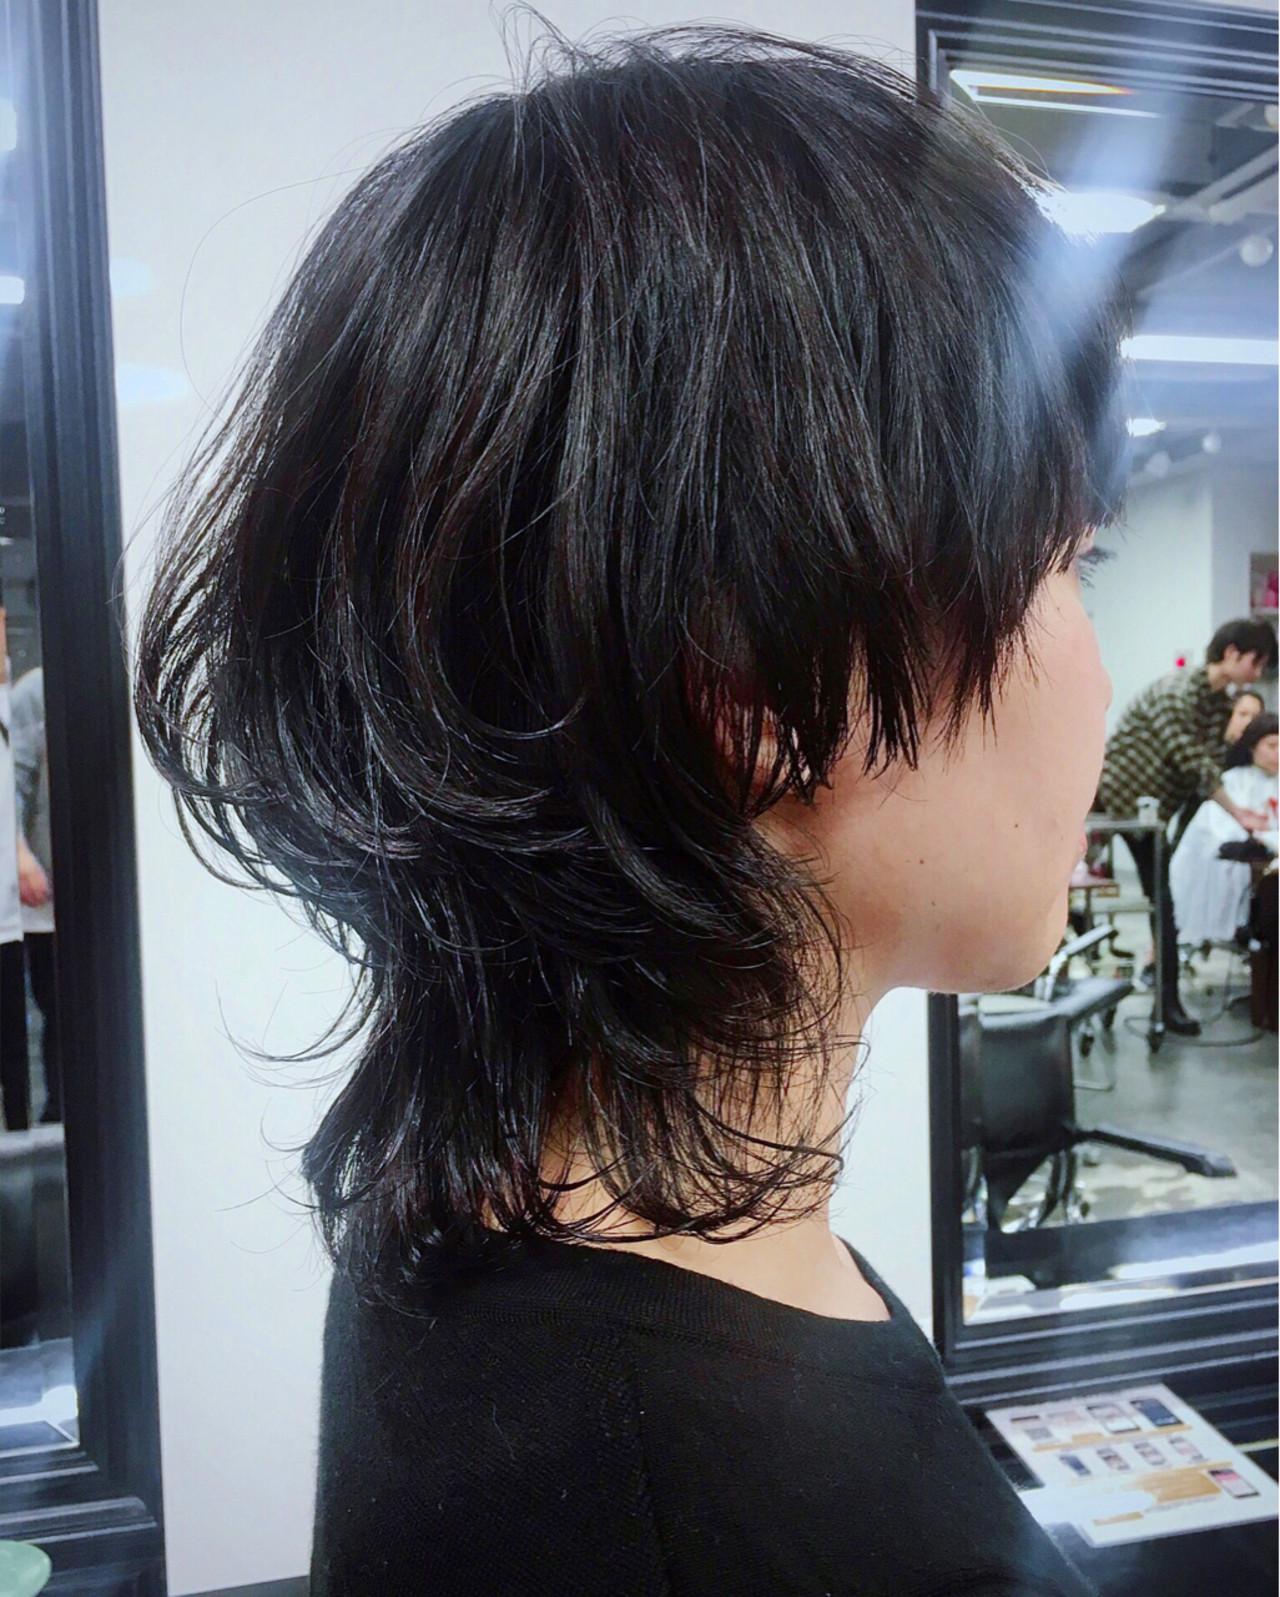 ナチュラル 黒髪 ウルフカット マッシュ ヘアスタイルや髪型の写真・画像